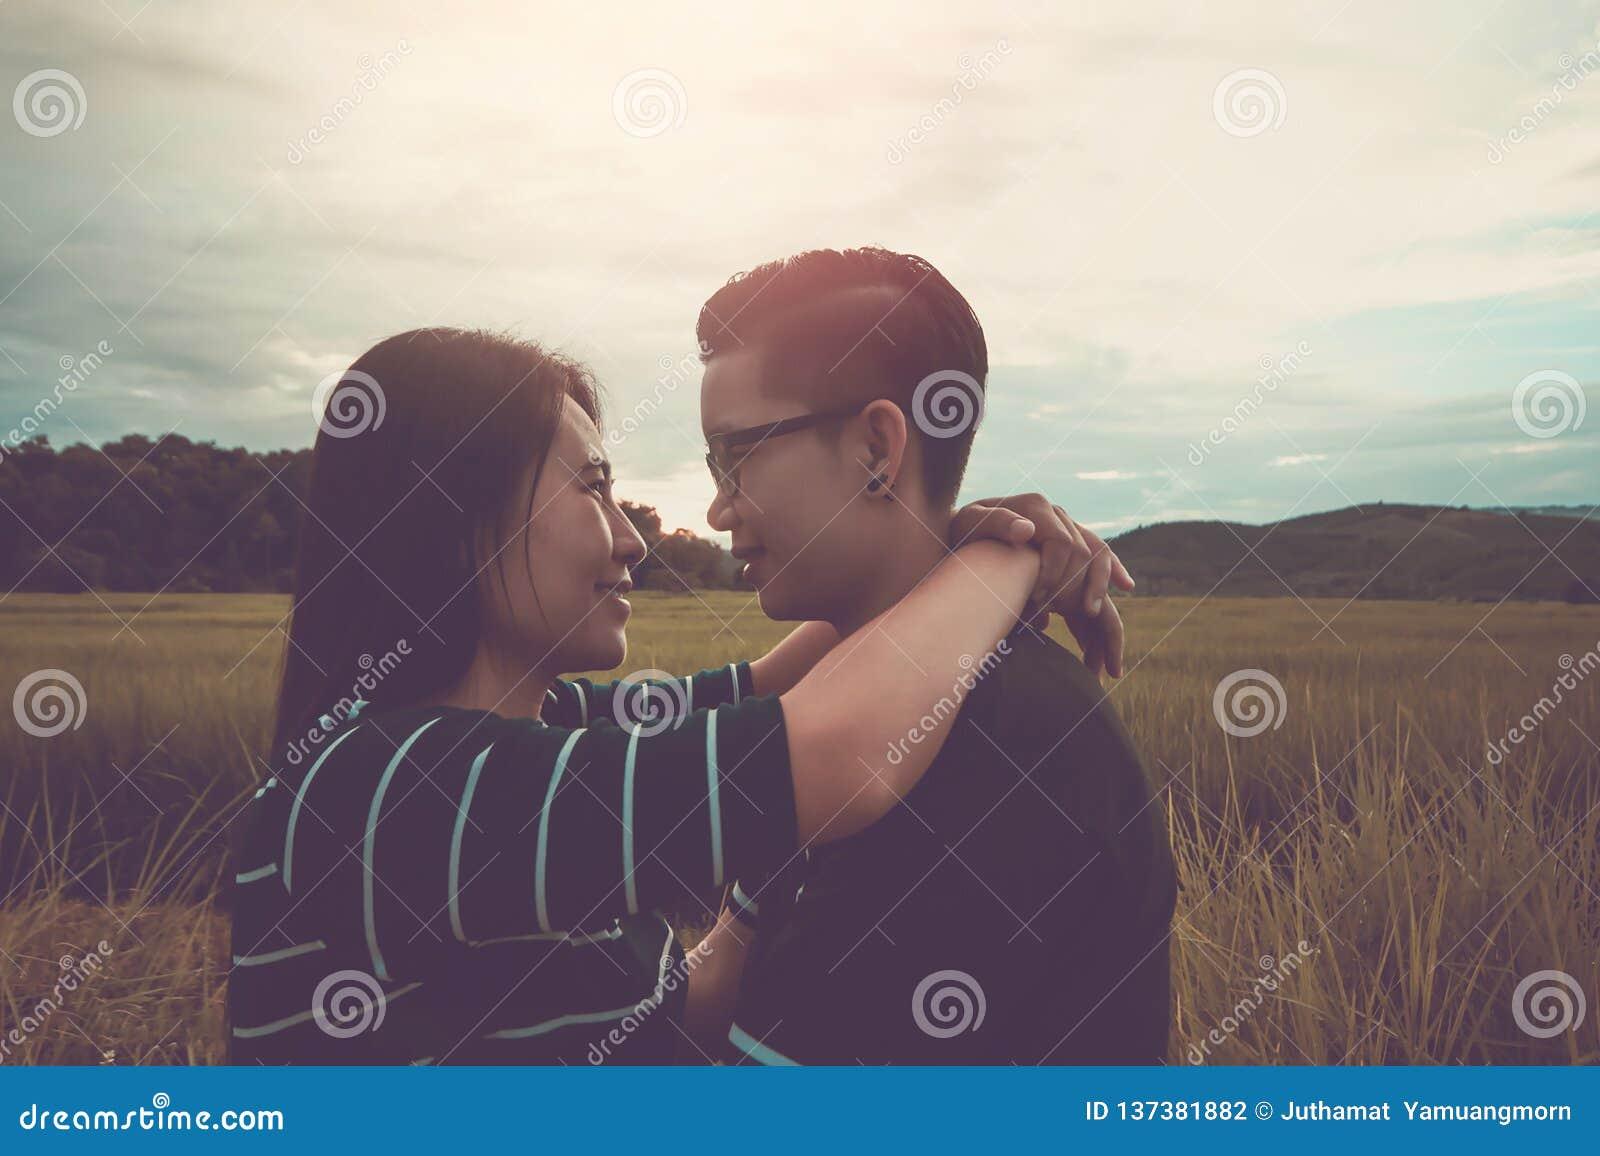 Asiatische, romantische Paare oder Homosexualität, weibliche Liebesumarmung auf dem Reisfeld mit Sonnenuntergang, Valentinstaglie